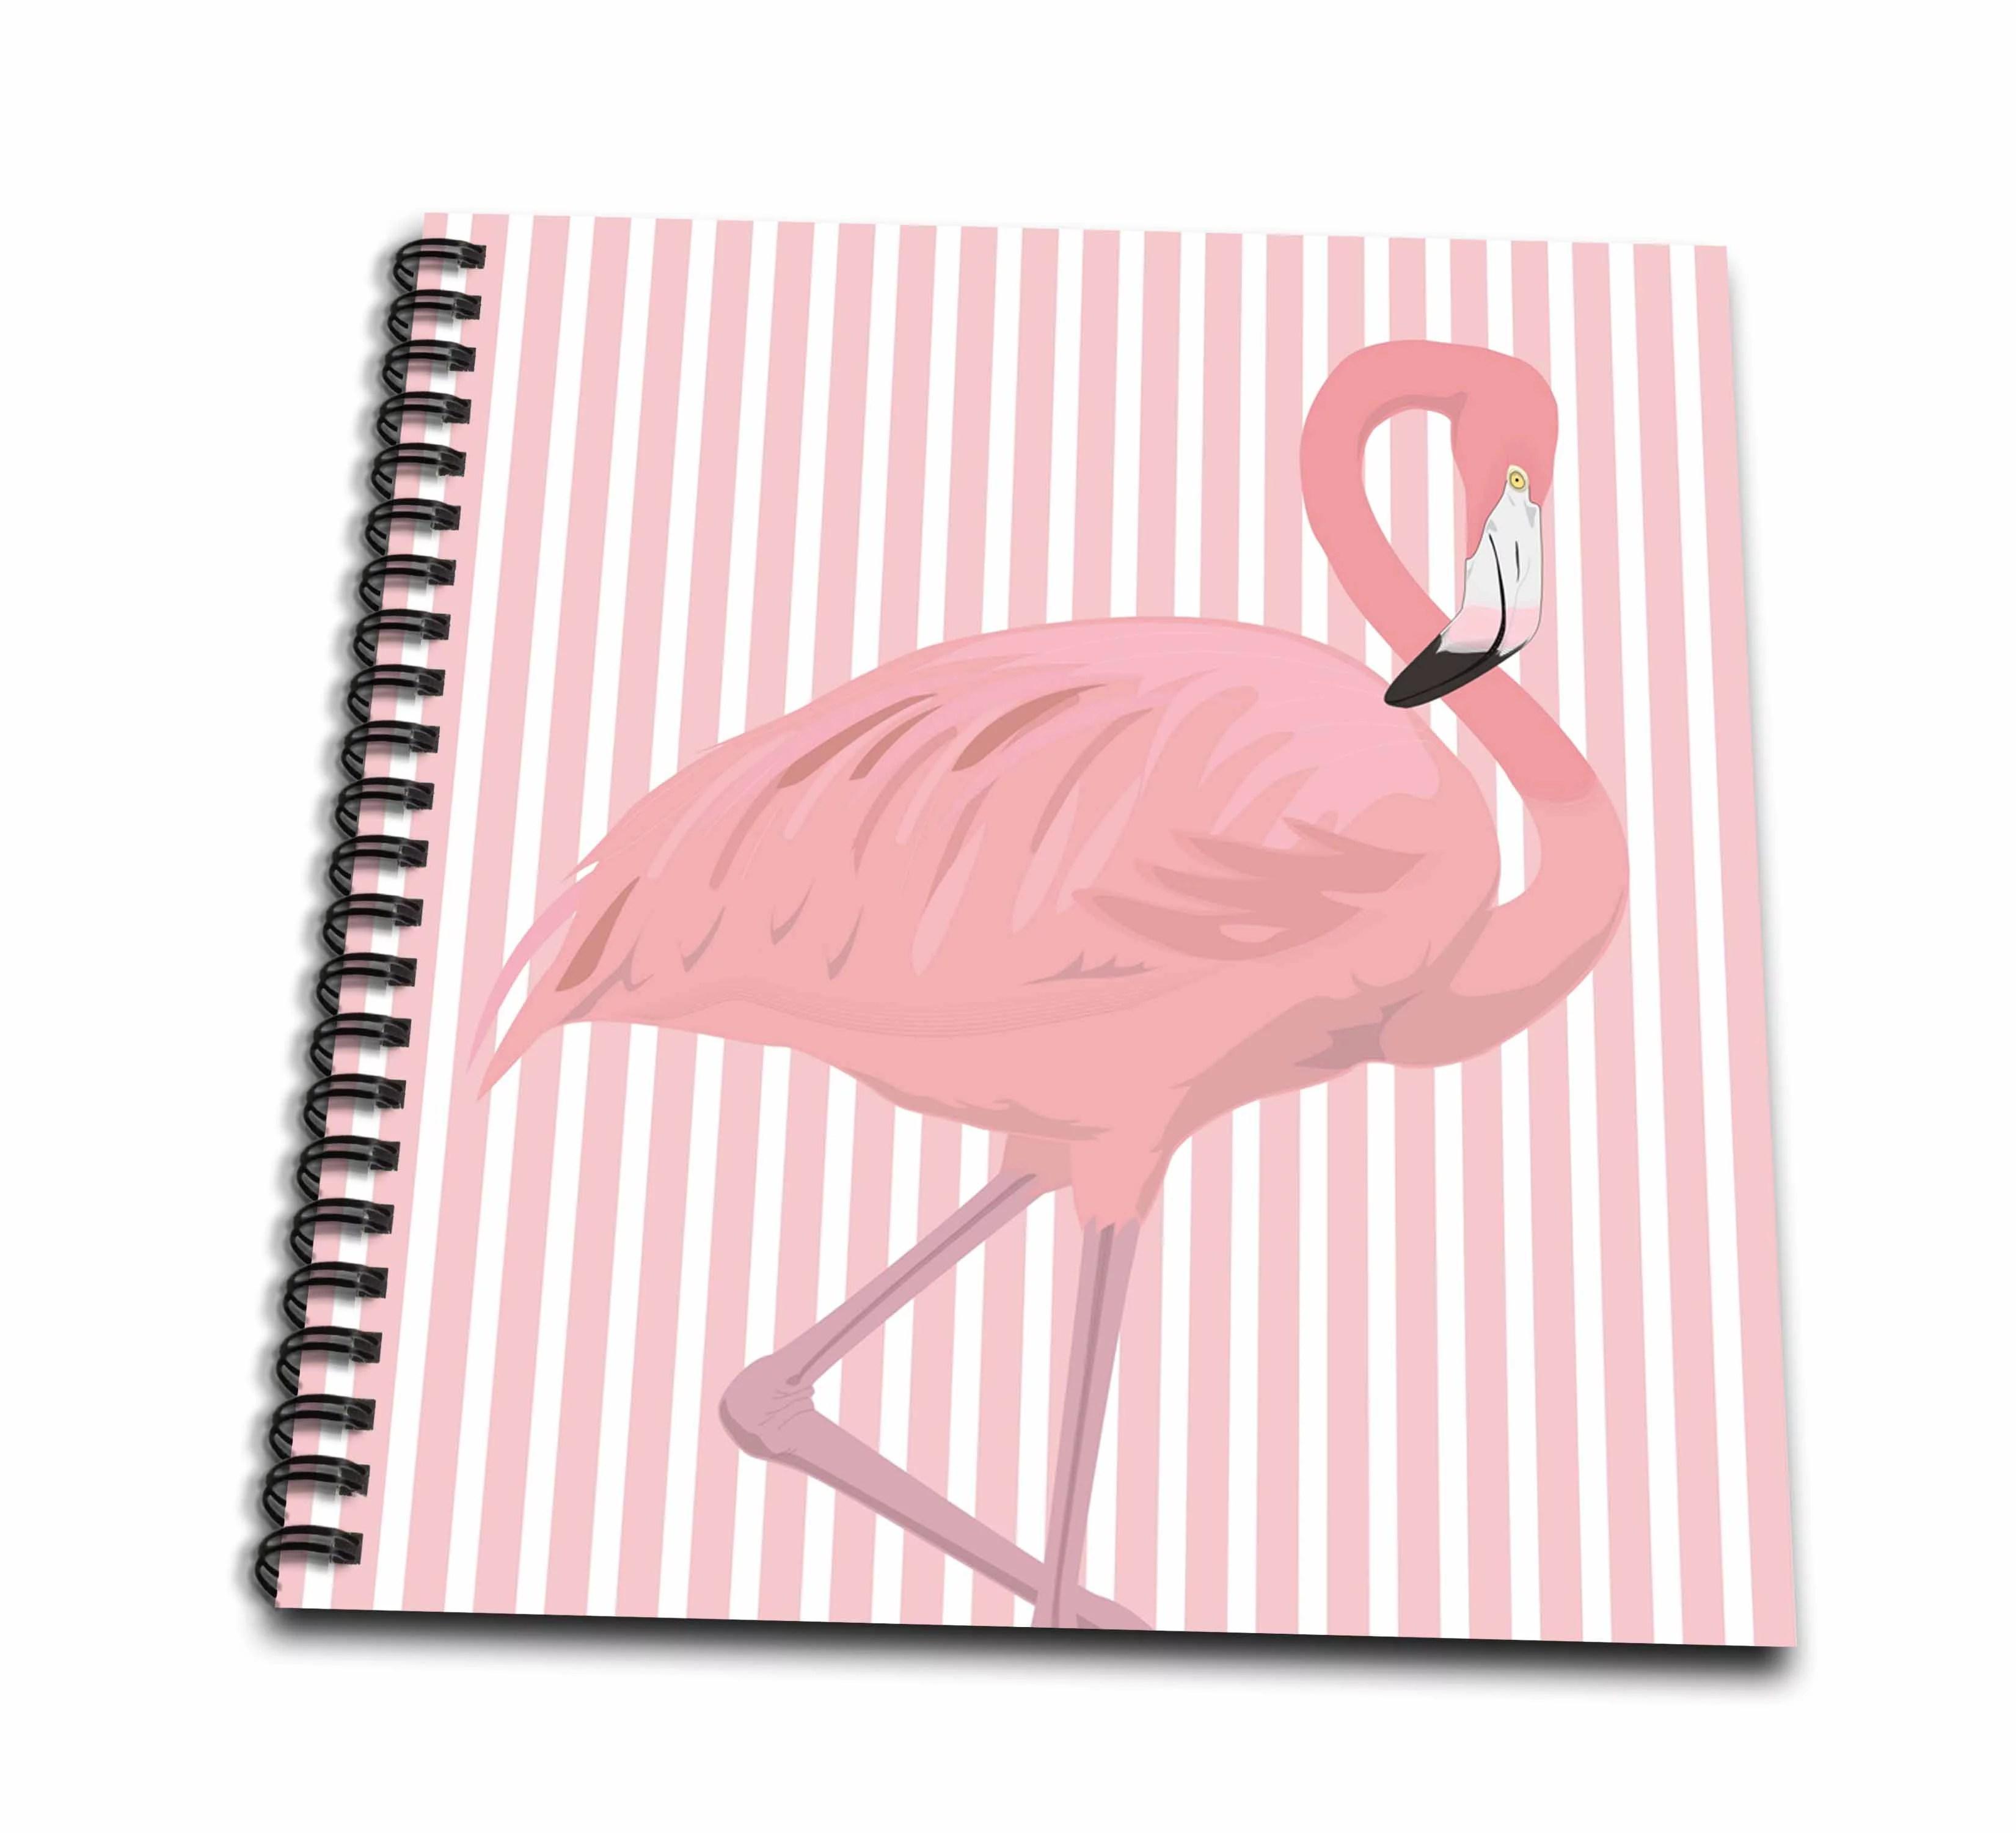 3drose pretty pink flamingo